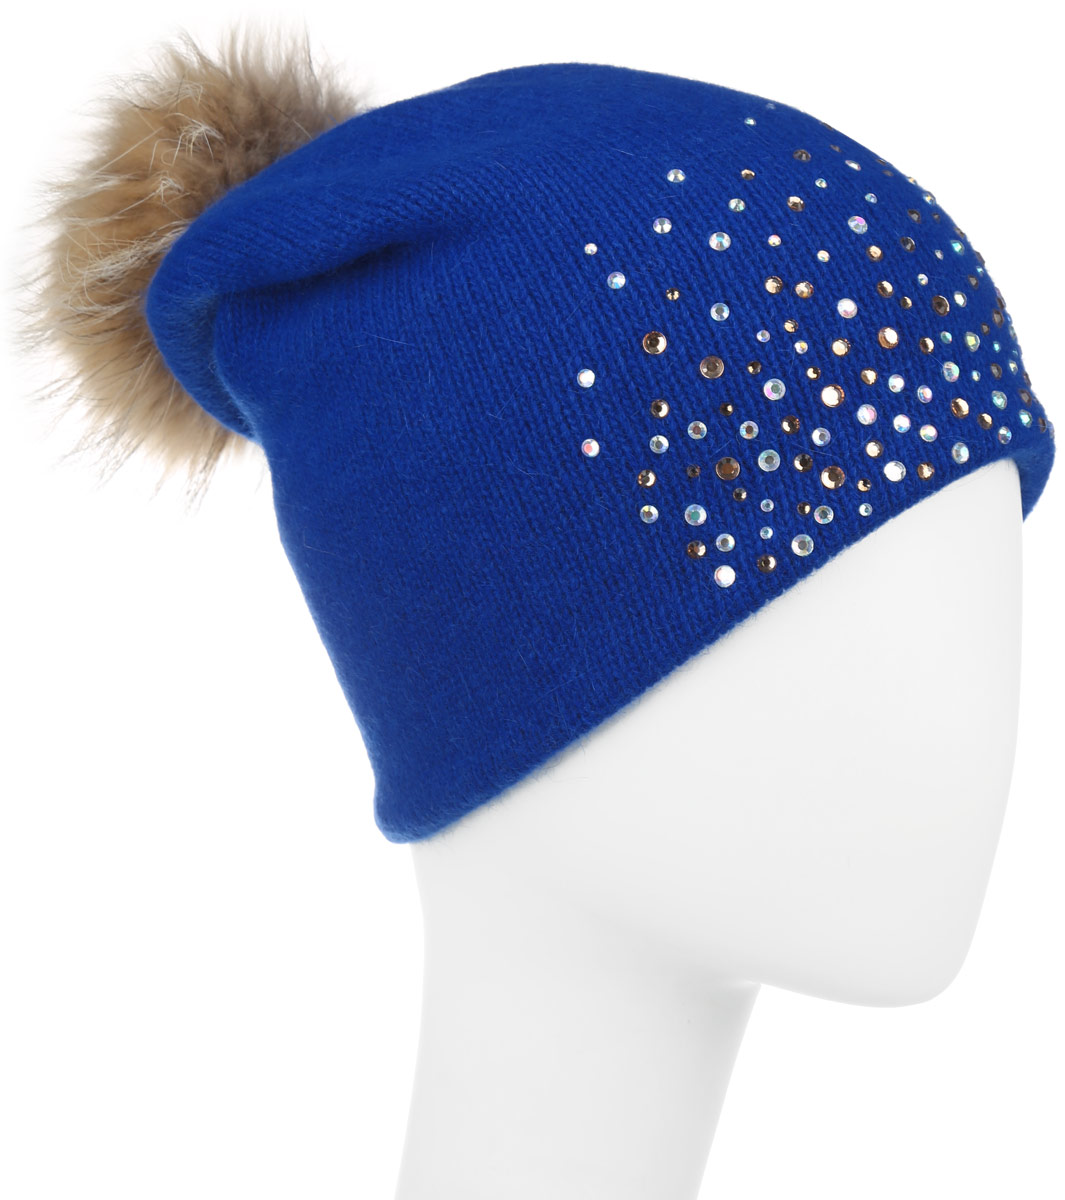 Шапка женская Baon, цвет: синий. B346546. Размер универсальныйB346546Вязаная женская шапка Baon отлично подойдет для модниц в холодное время года. Она мягкая и приятная на ощупь, обладает хорошими дышащими свойствами и максимально удерживает тепло.Красивый съемный помпон из натурального меха отлично дополняет головной убор. Шапка оформлена сверкающими стразами. Такой стильный и теплый аксессуар подчеркнет ваш образ и индивидуальность.